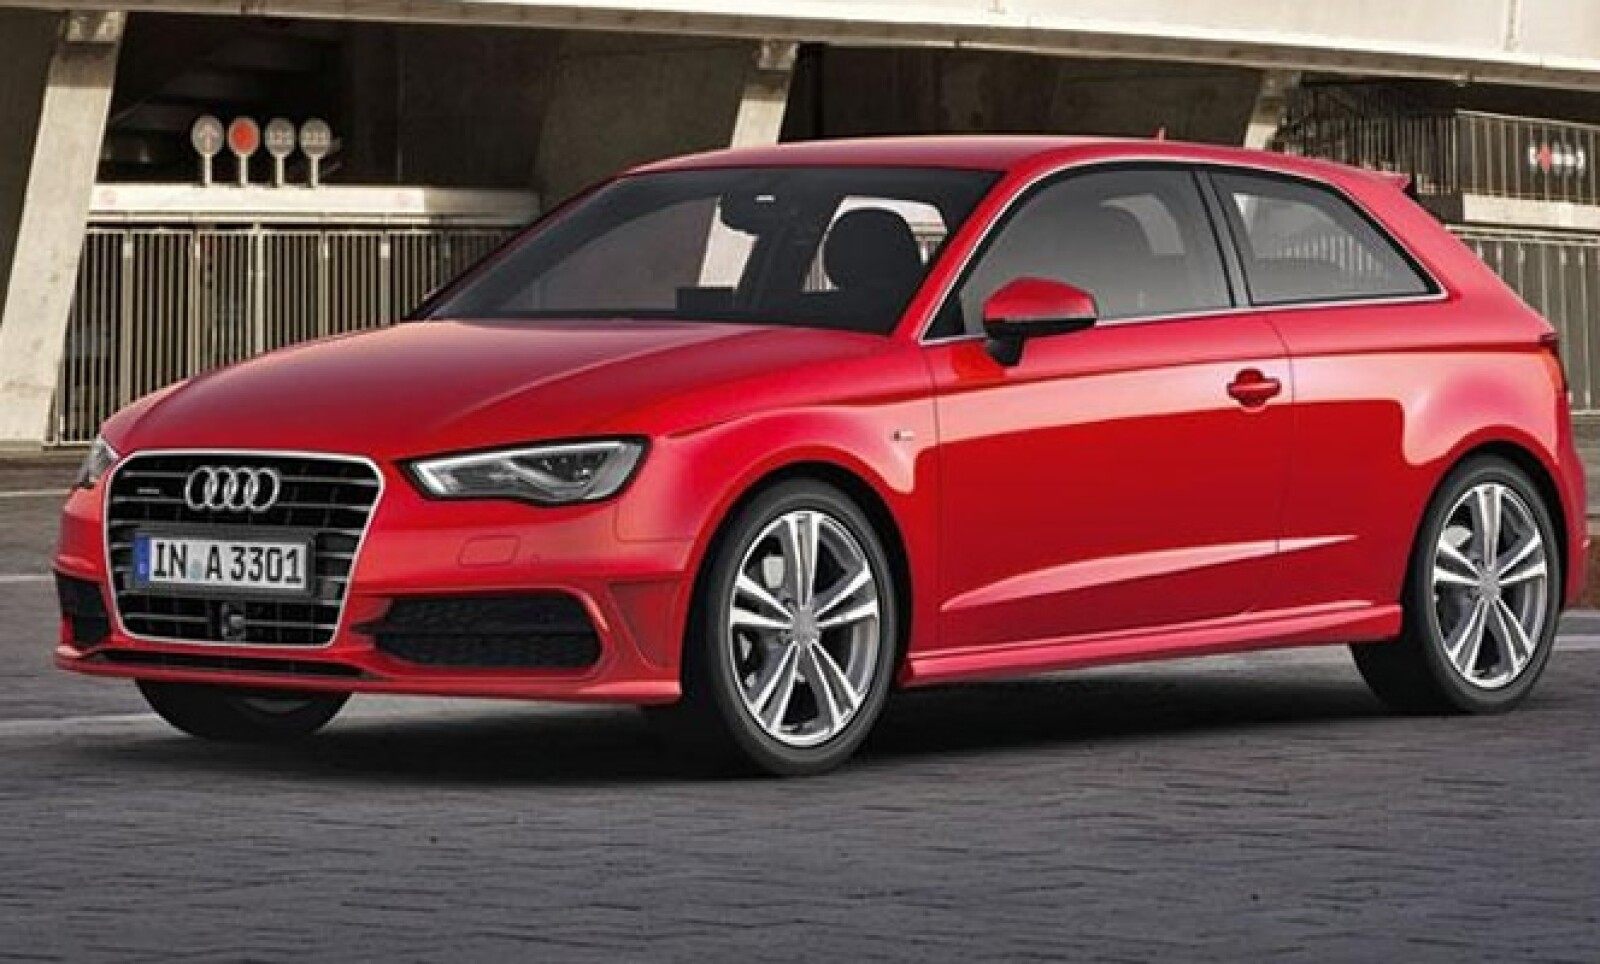 La marca presentó la tercera generación de este compacto premium con innovaciones en varios aspectos.